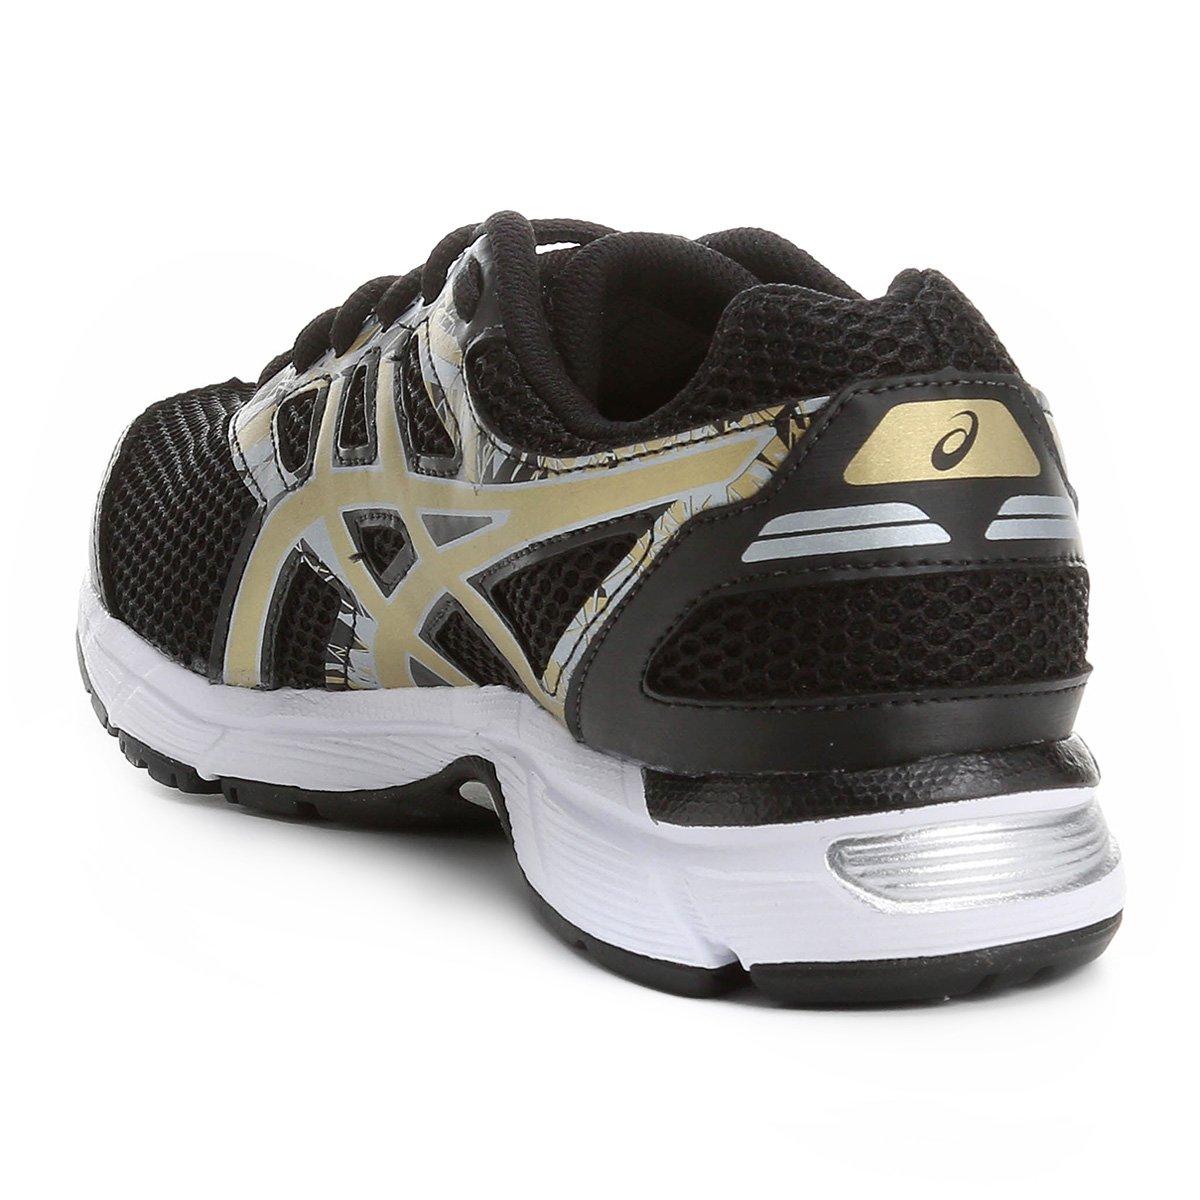 897f3ac427 Tênis Asics GEL Excite 4 Feminino - Preto e Dourado - Compre Agora ...